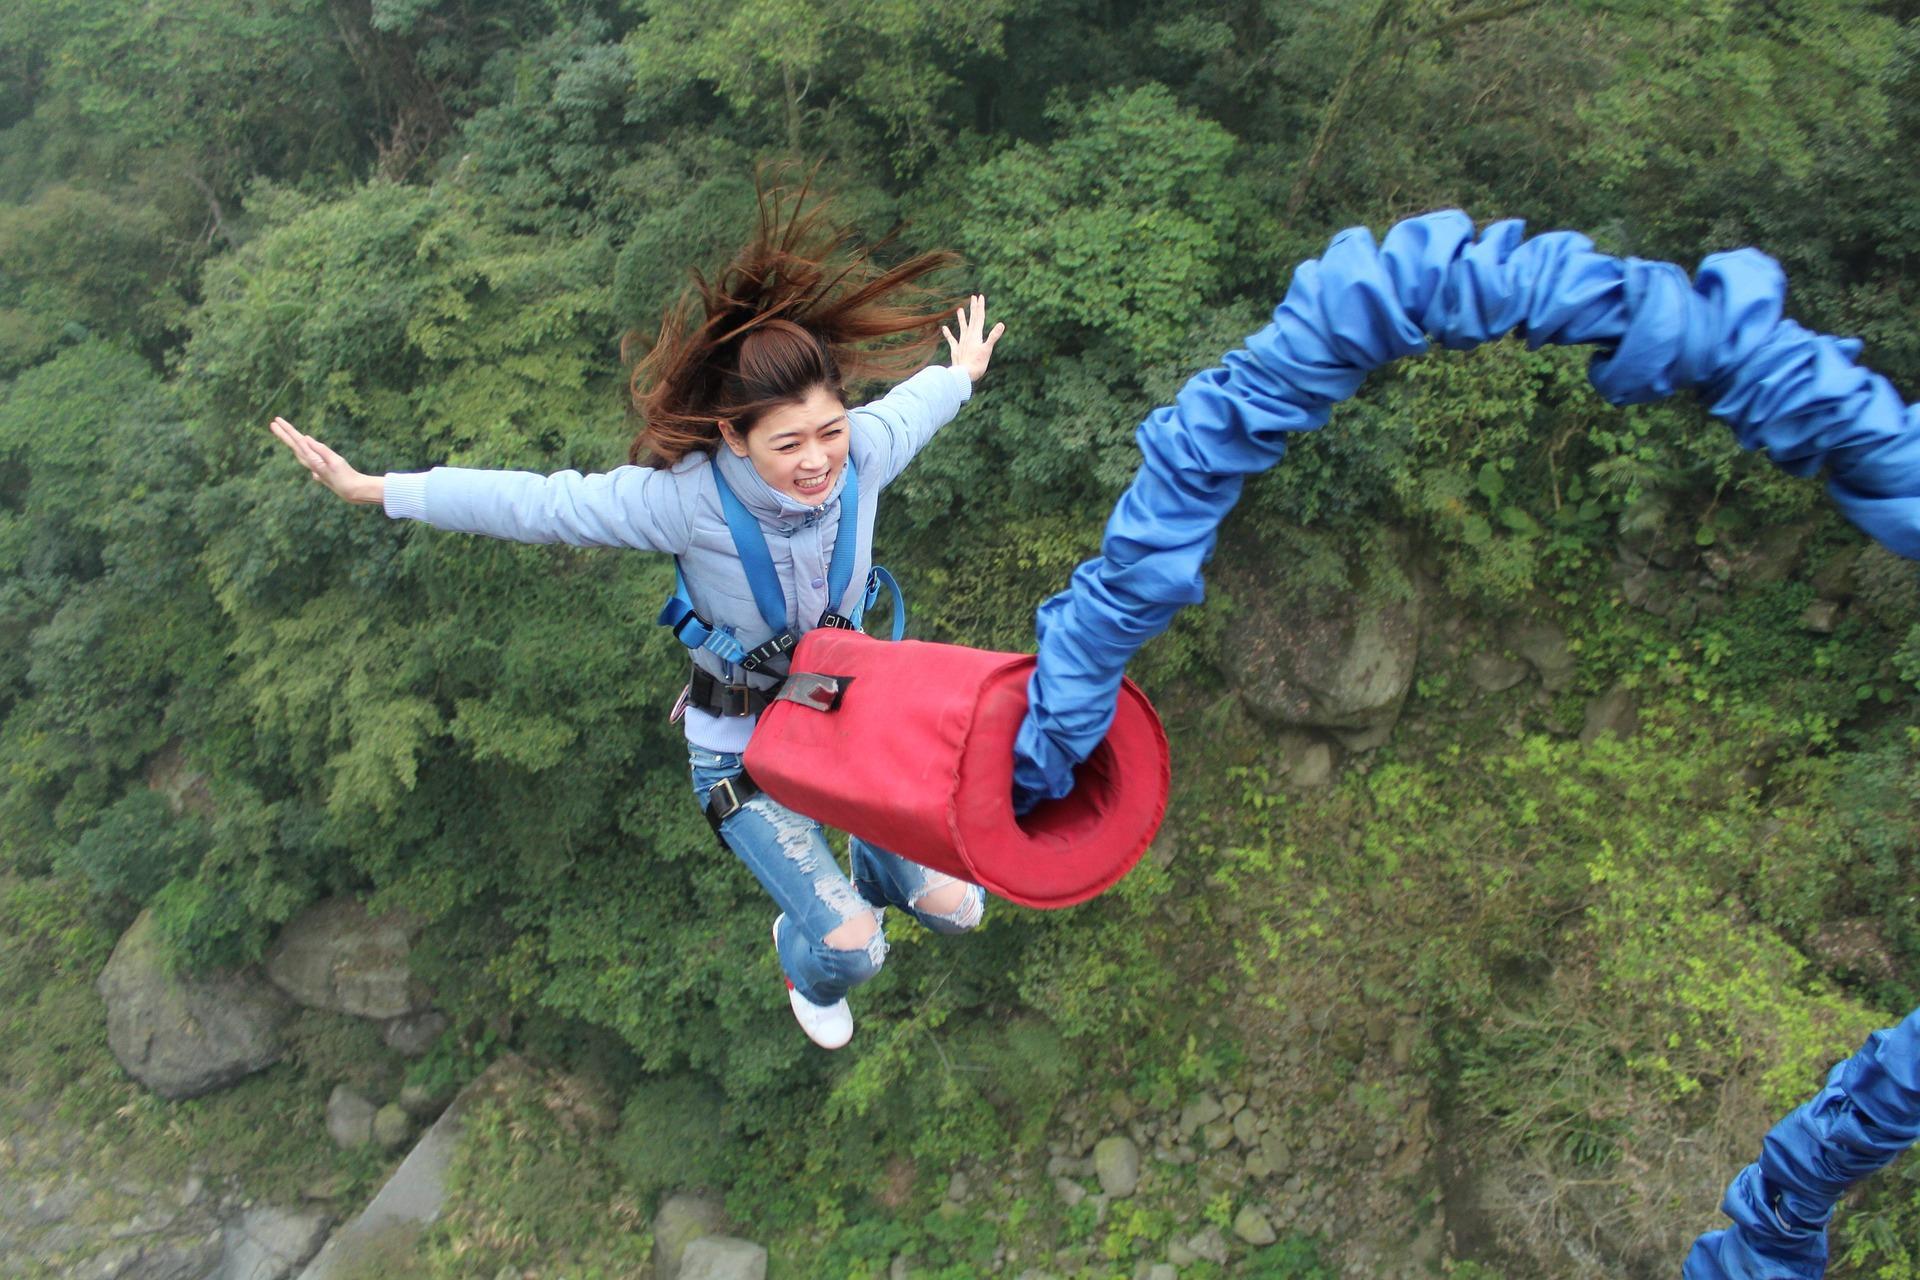 Take a jump!